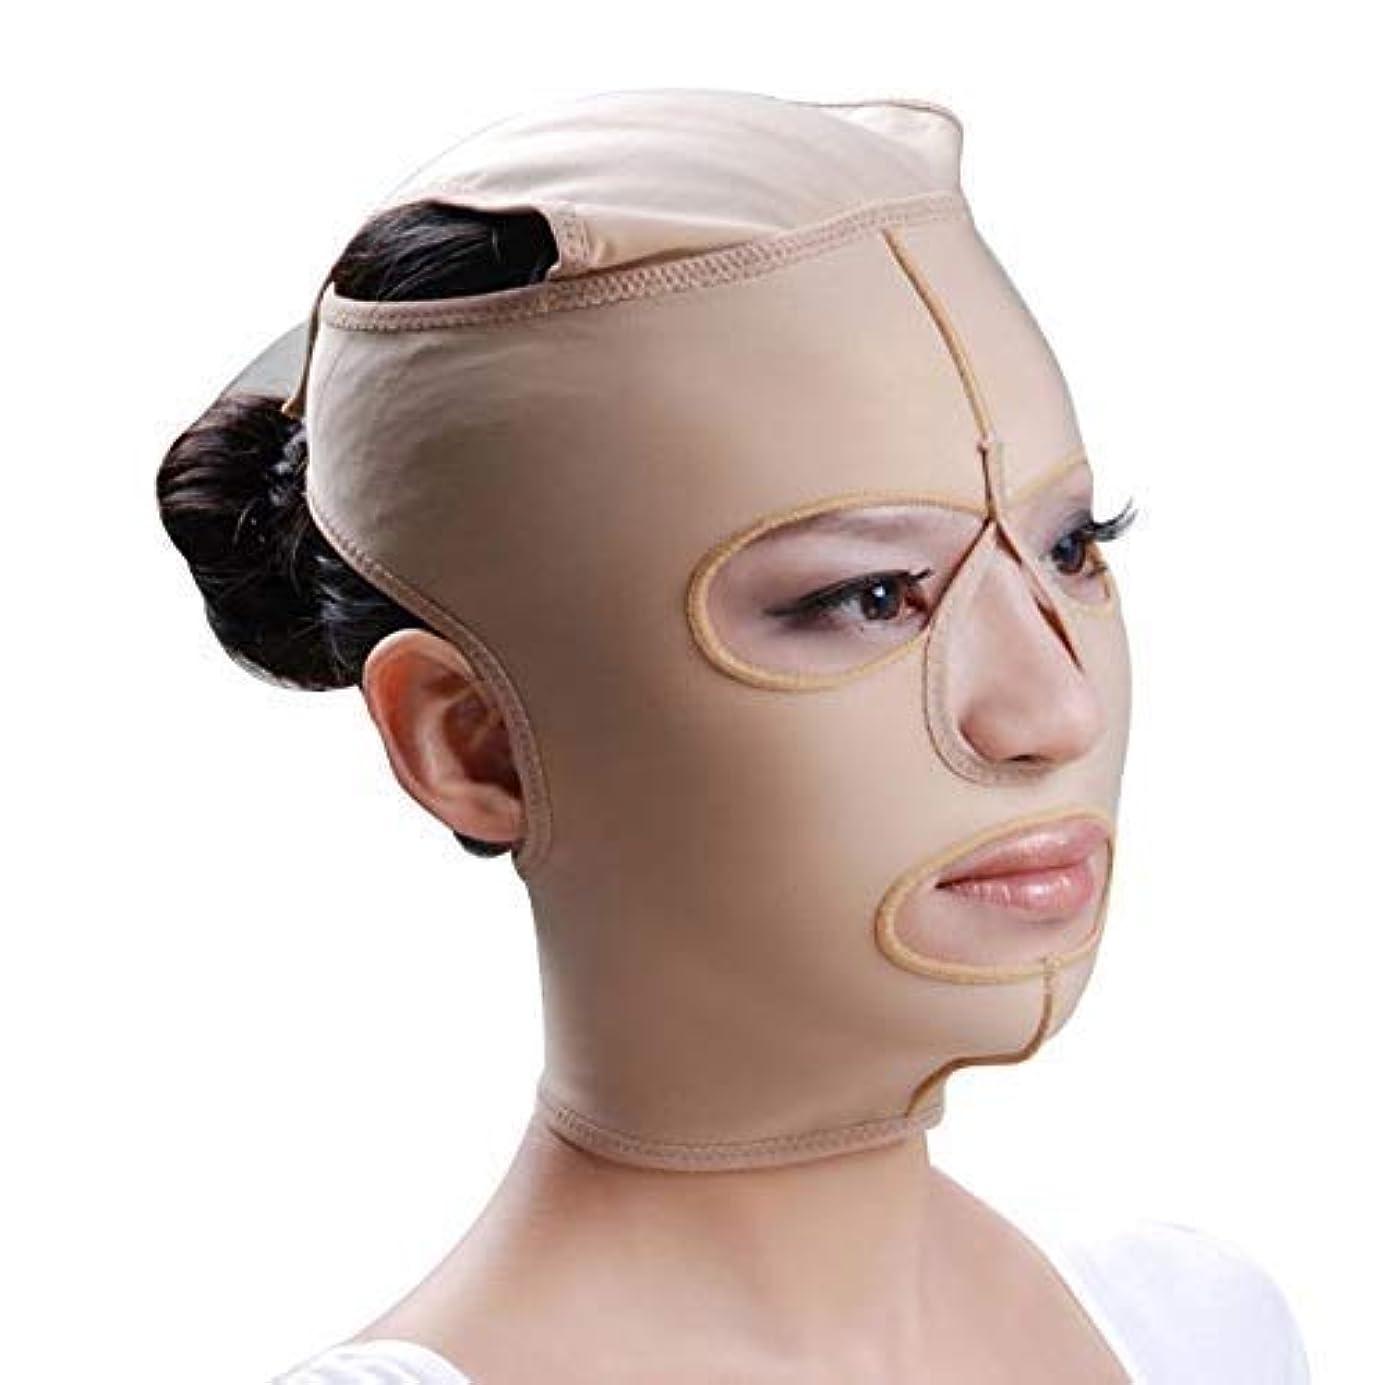 寄付キルス毒液ファーミングフェイスマスク、フェイシャルマスク弾性フェイスリフティングリフティングファーミングパターンマイクロフィニッシングポストモデリングコンプレッションフェイスマスク(サイズ:L)